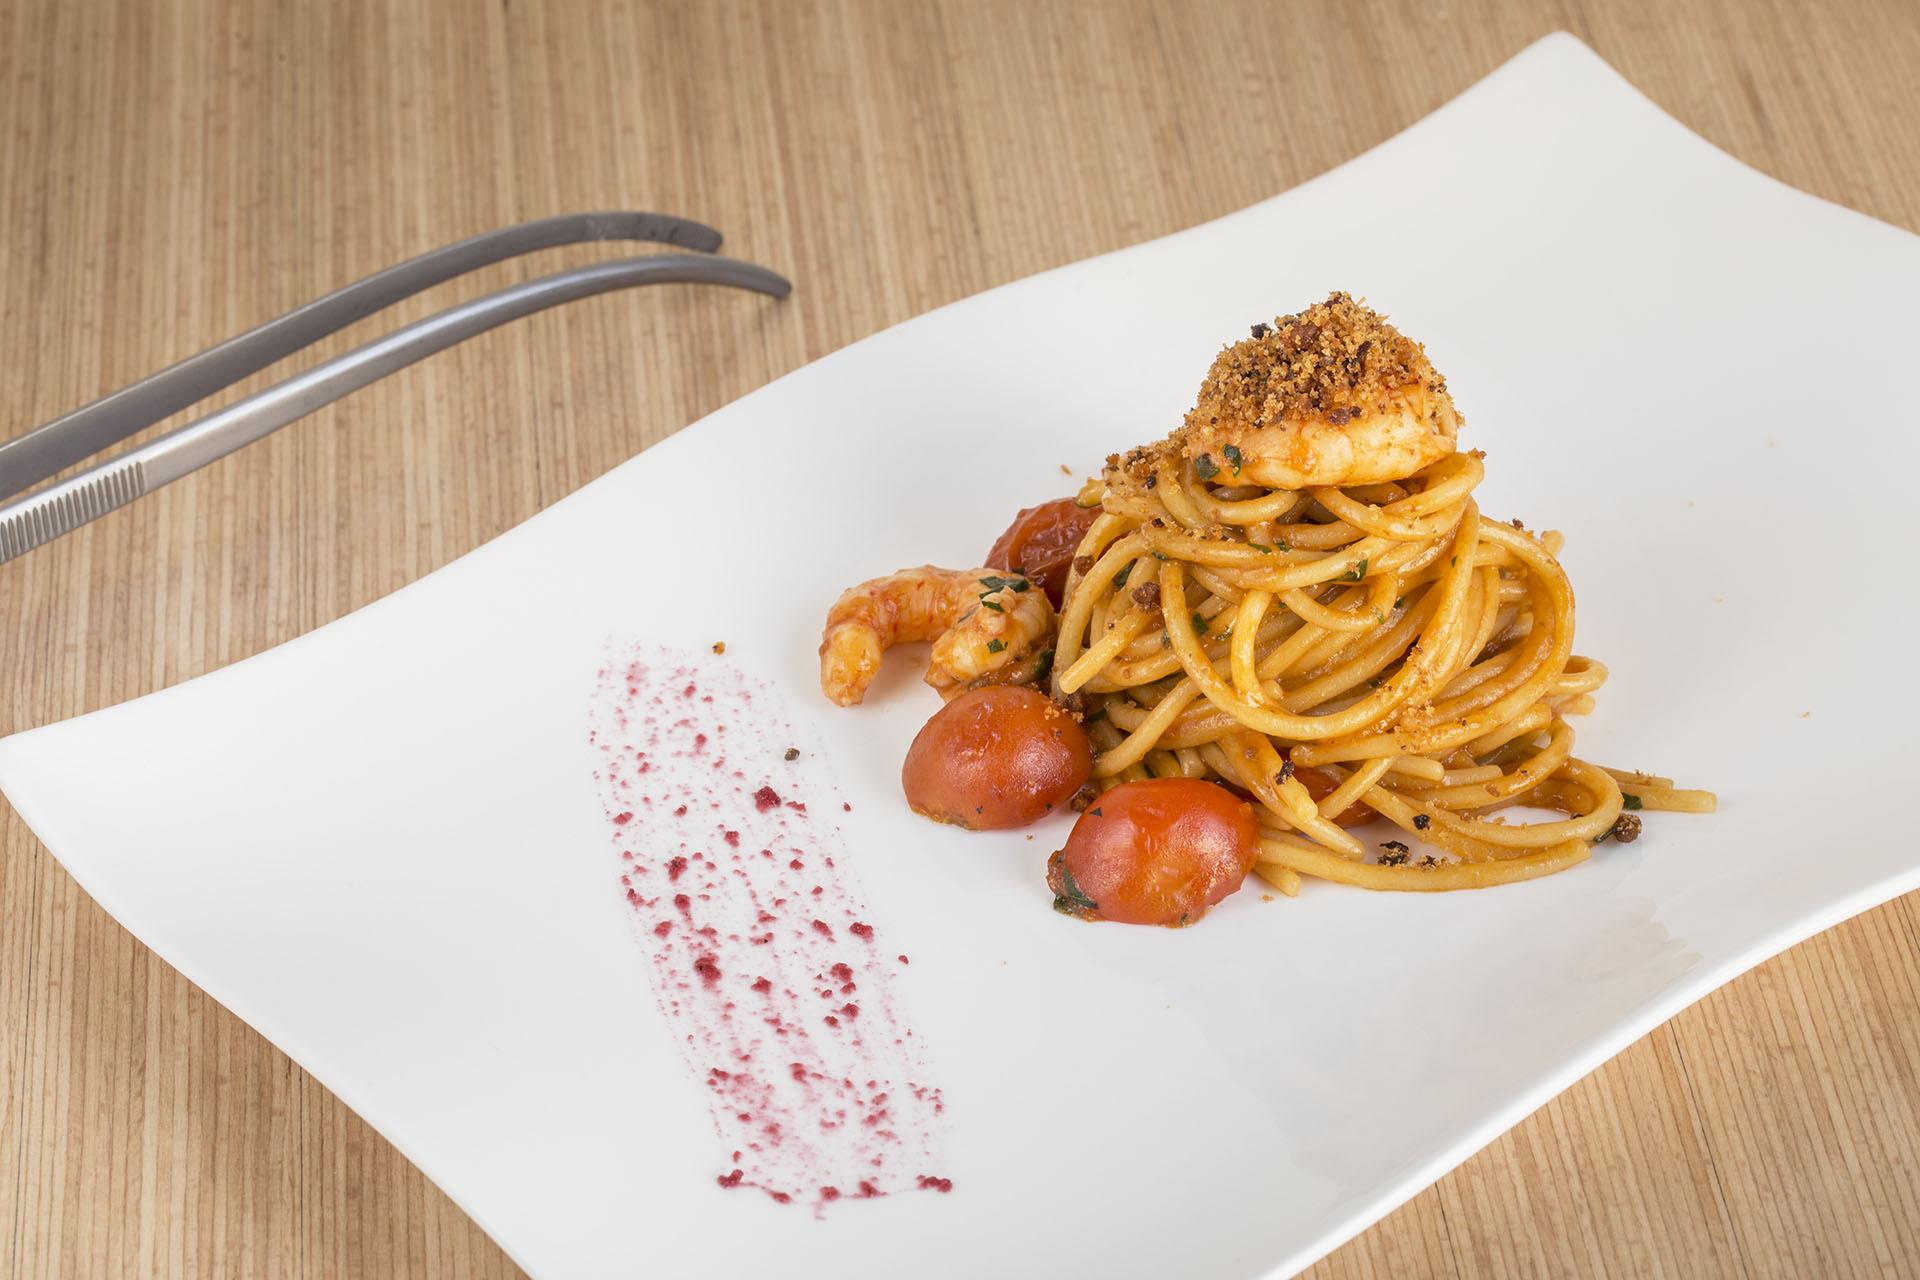 Spaghetti pomodori ciliegia e gamberi - Ristorante di pesce fresco, piatti della tradizione con un tocco di innovazione dell0 Chef Rocco Di Marzo